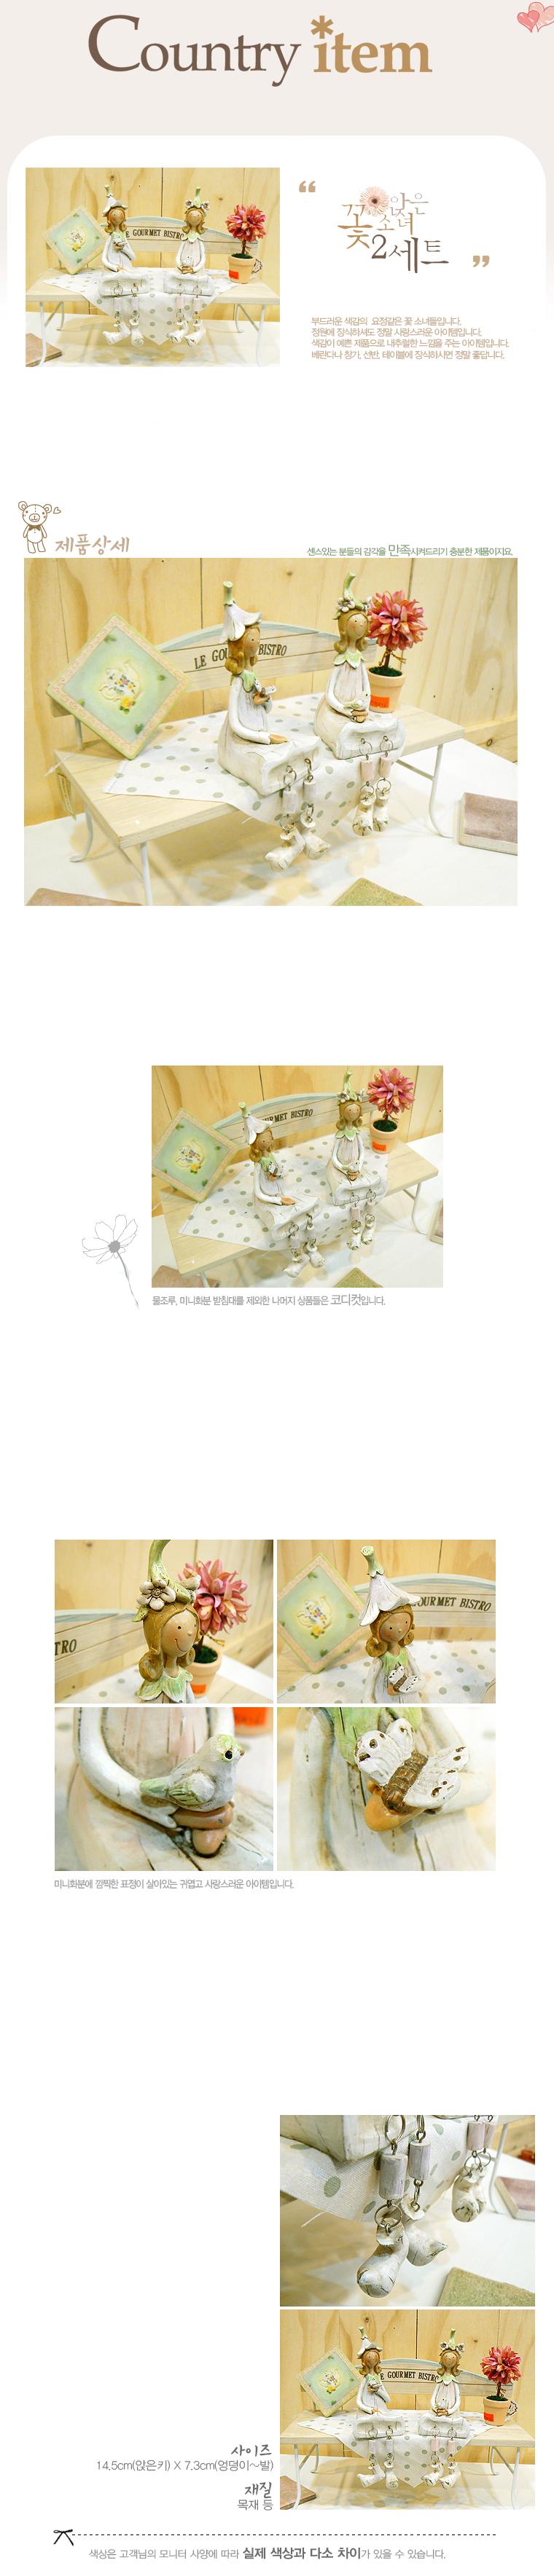 앉은 꽃 소녀 2세트 - 컨츄리아이템, 19,000원, 장식소품, 이니셜/알파벳모형